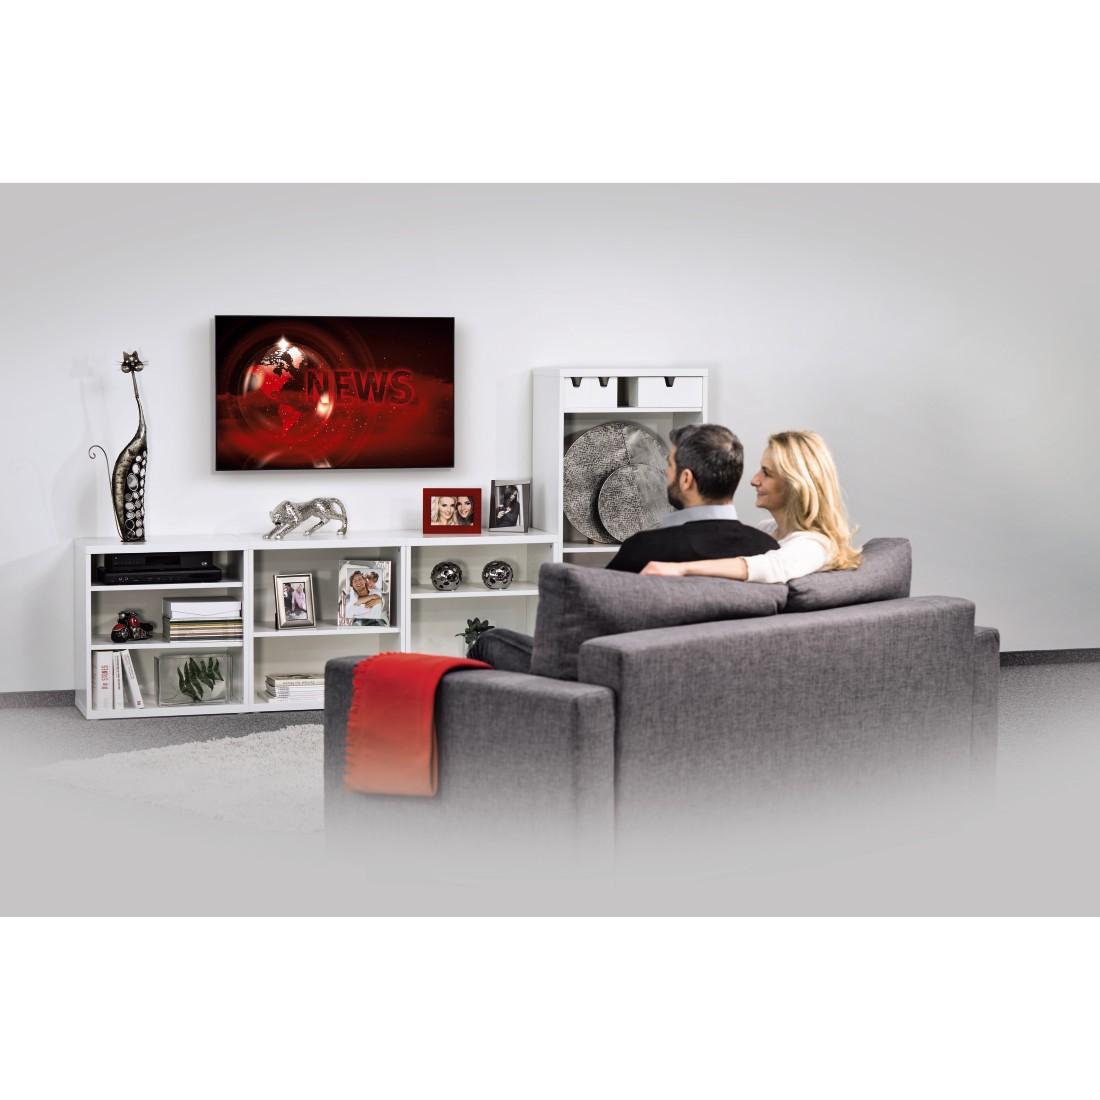 00108724 Hama Tv Wandhalterung Fix Ultraslim 5 Sterne 117 Cm